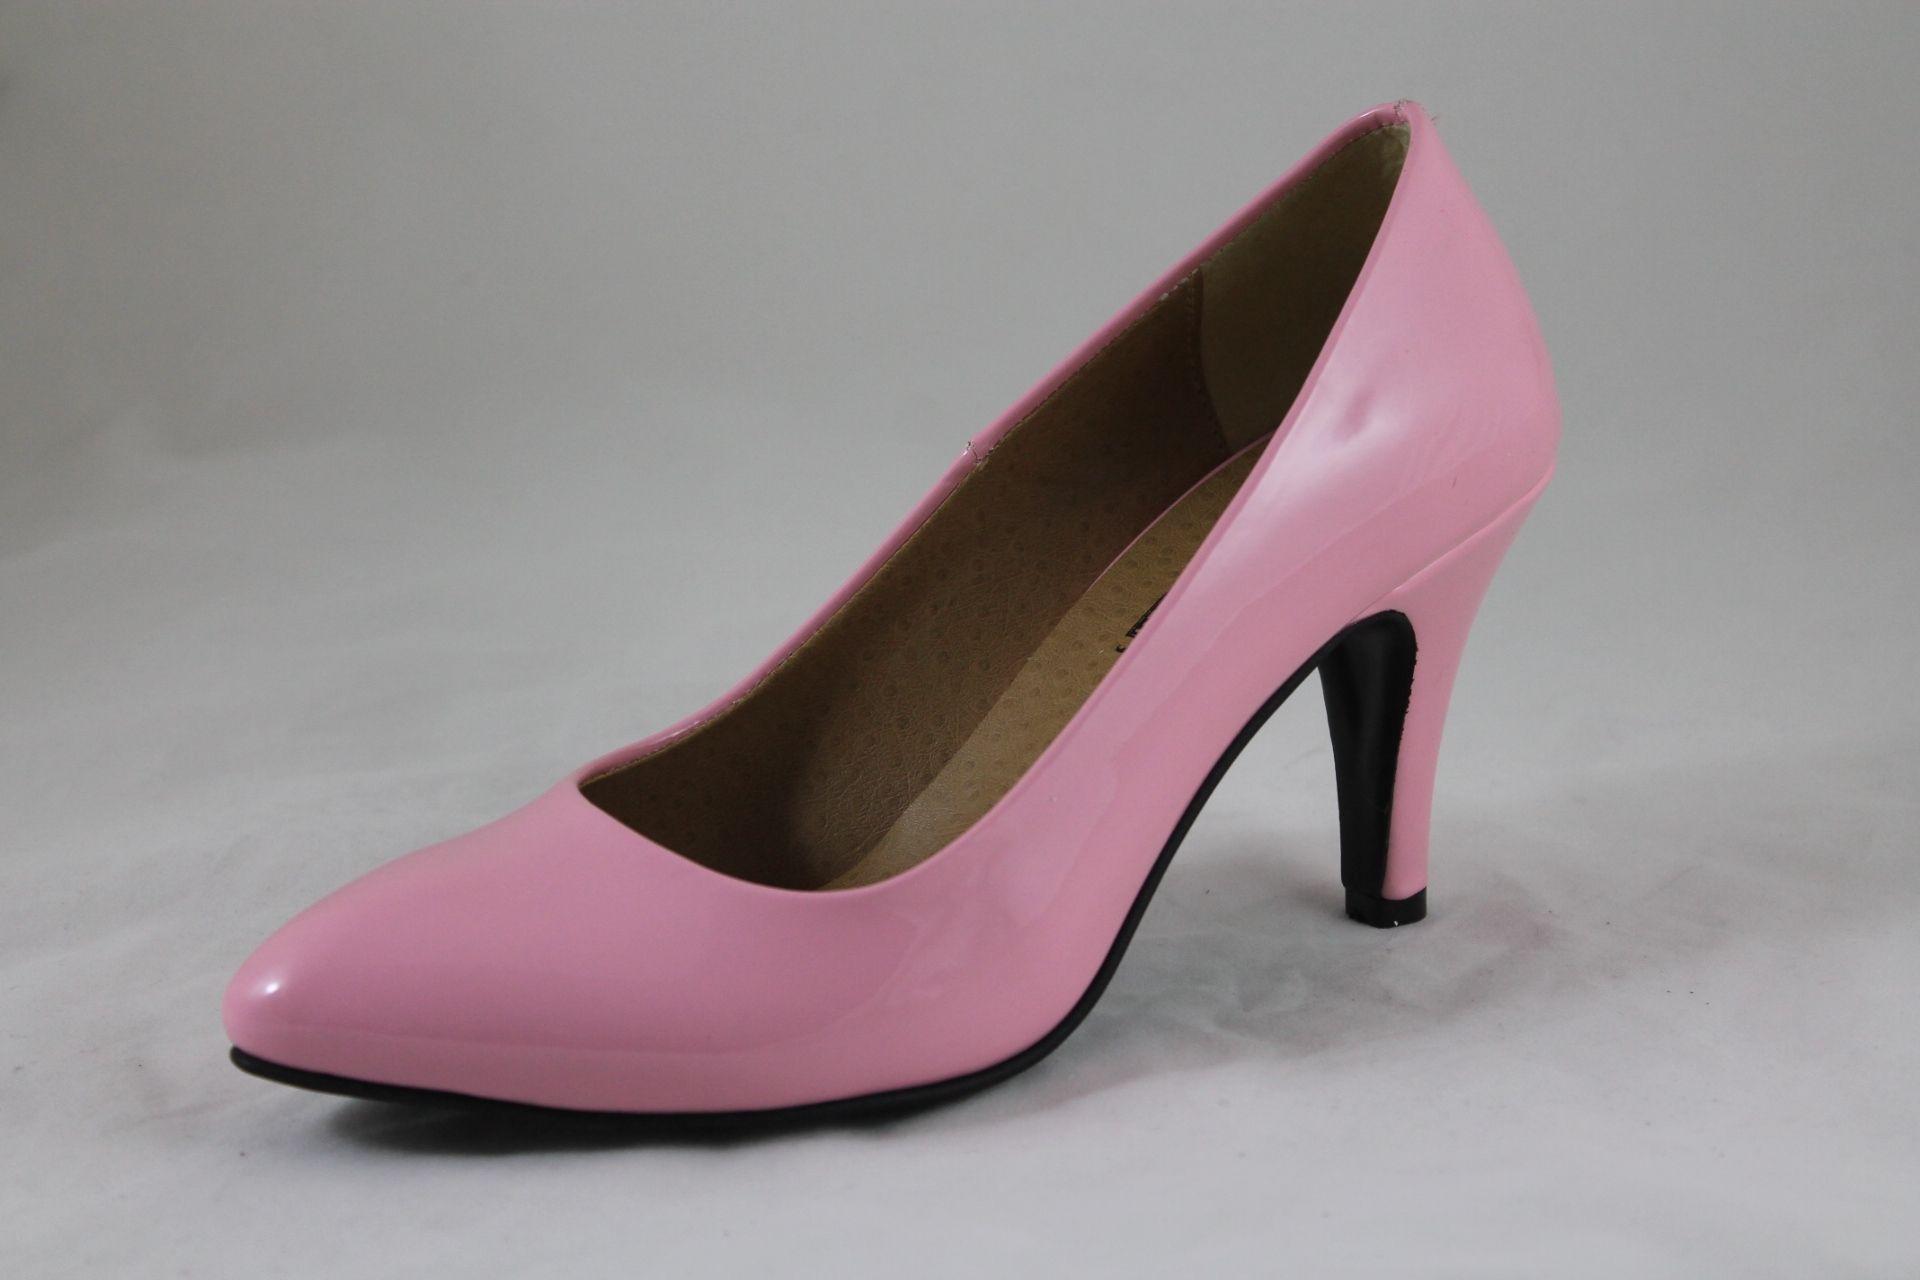 42a3037435797 سعر Shoebox حذاء كلاسيك بكعب عالي جلد فيرنية - بمبي فى مصر